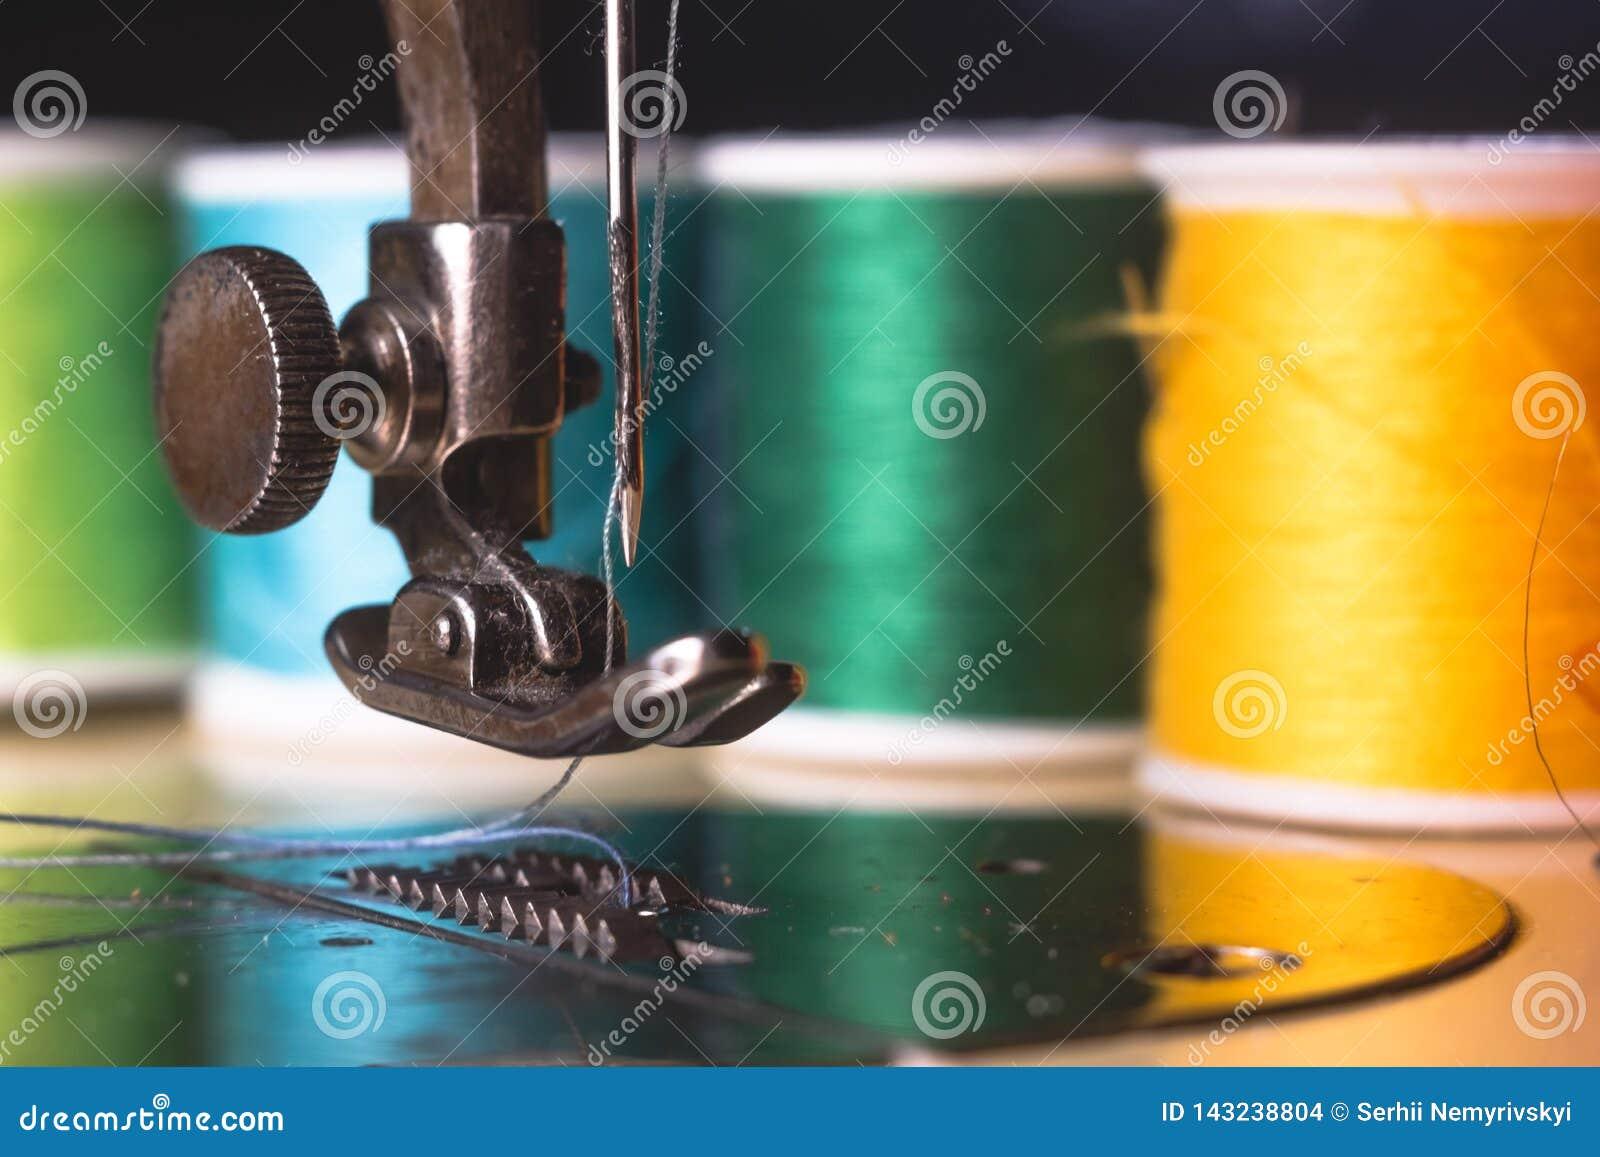 Παλαιά ράβοντας μηχανή με το νήμα και τη βελόνα χρώματος, σε έναν παλαιό βρώμικο πίνακα εργασίας Πίνακας εργασίας ραφτών ` s υφαν